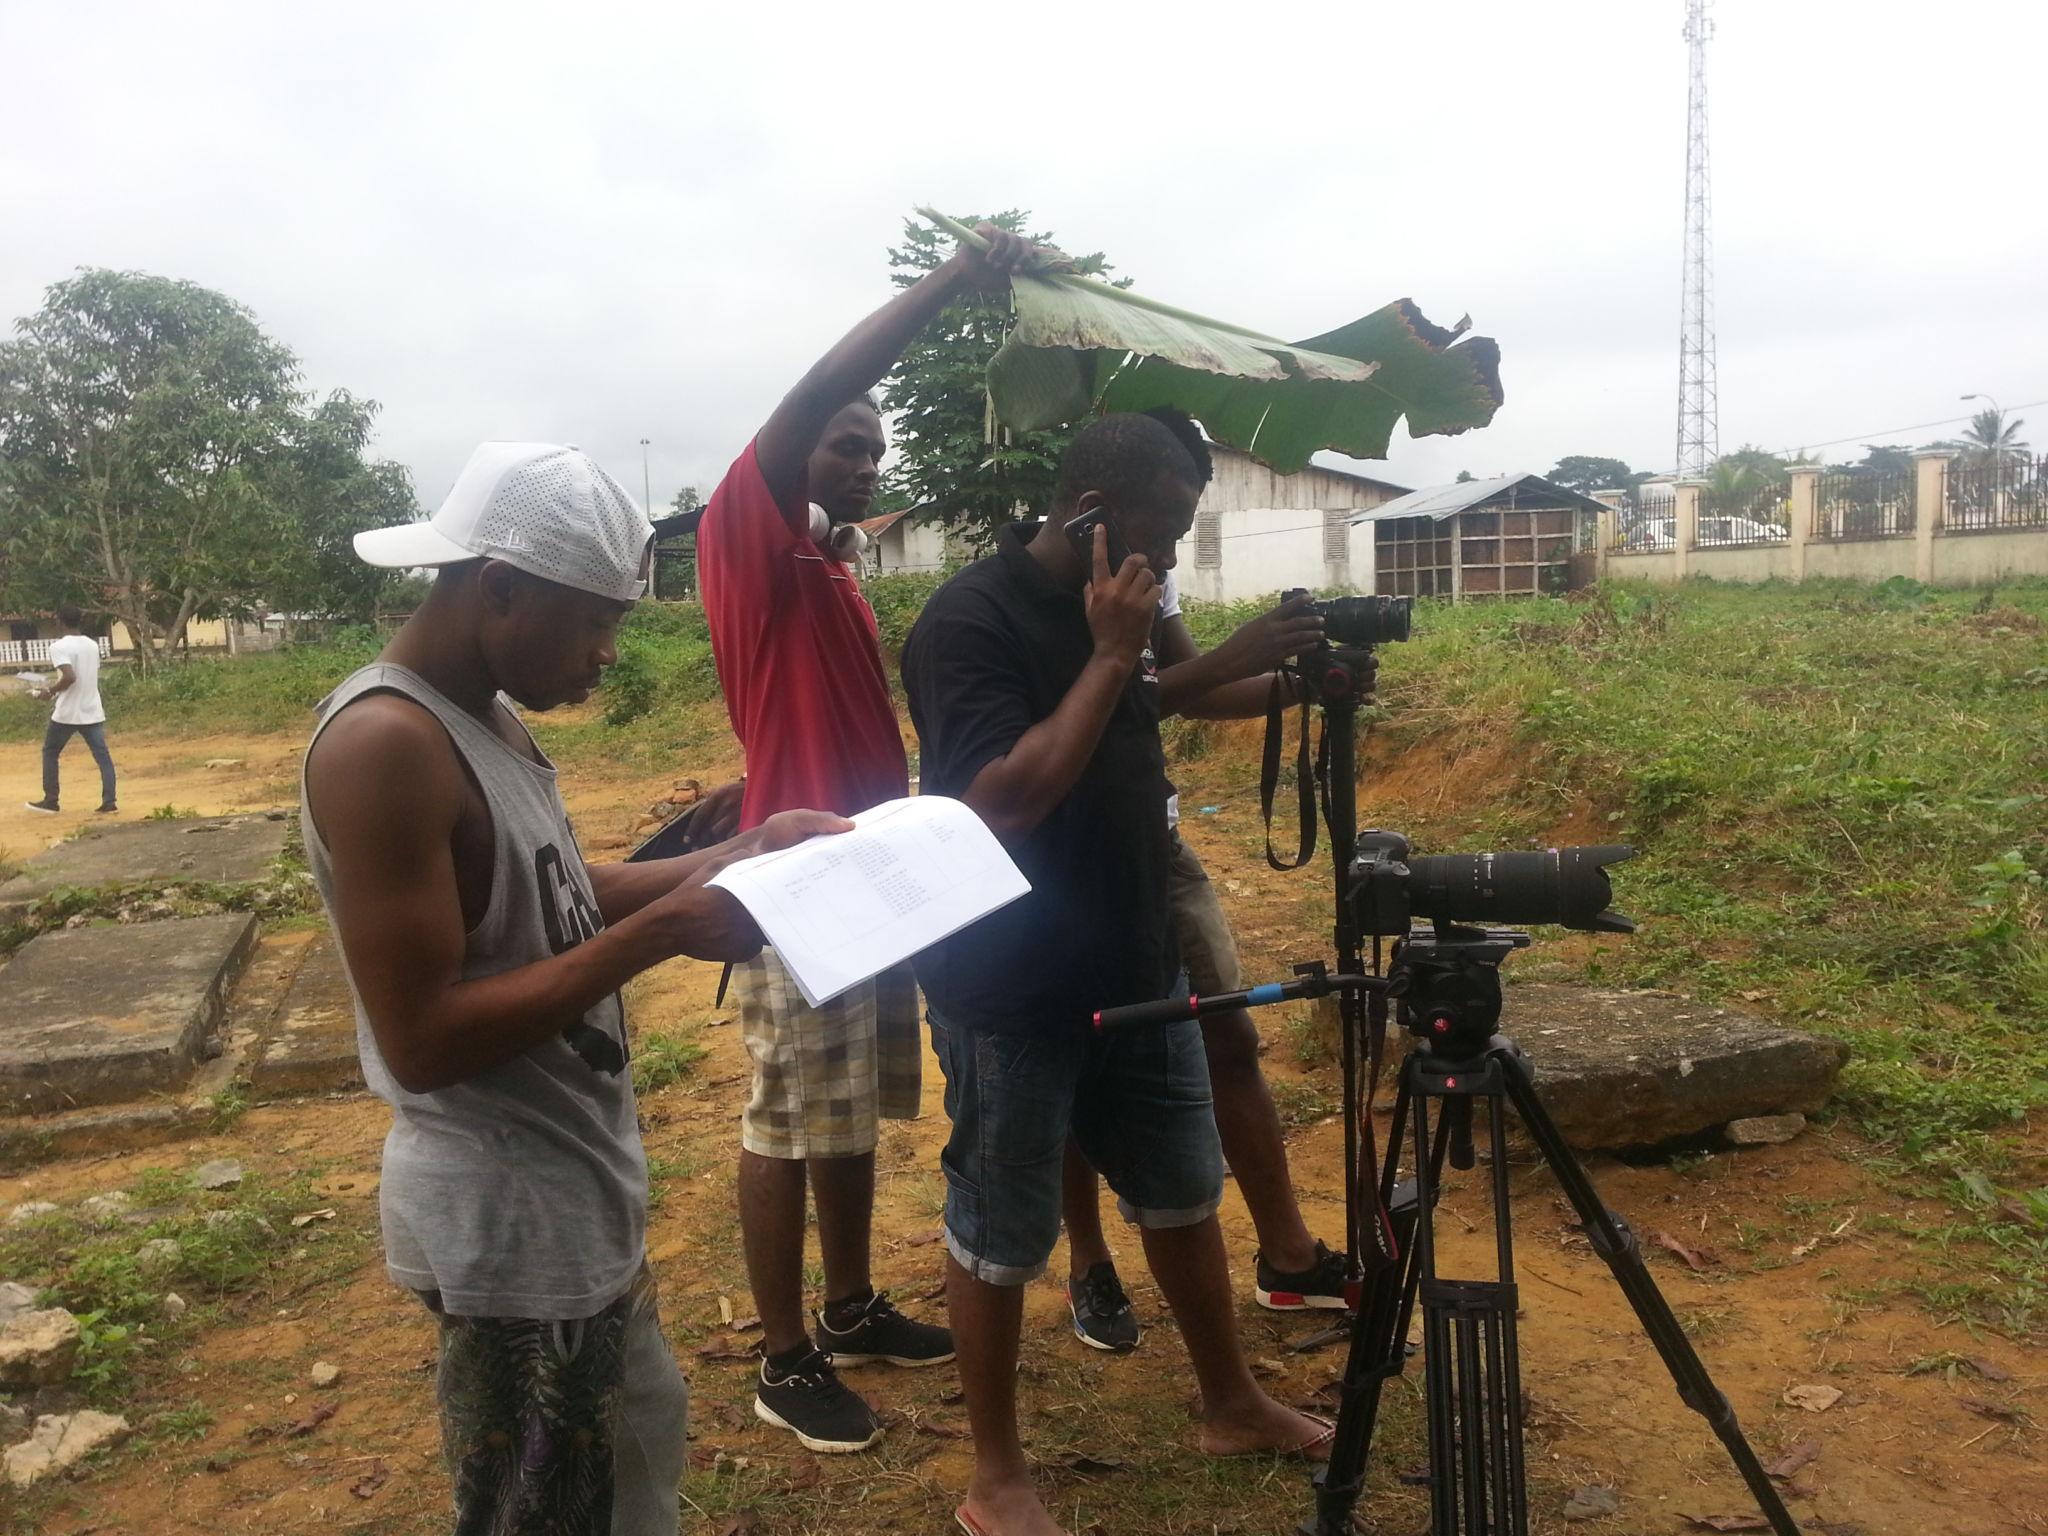 Equipo en acción. Foto cortesía del equipo del documental Orígenes y descendientes dirigido por Pedro Mba Ndong